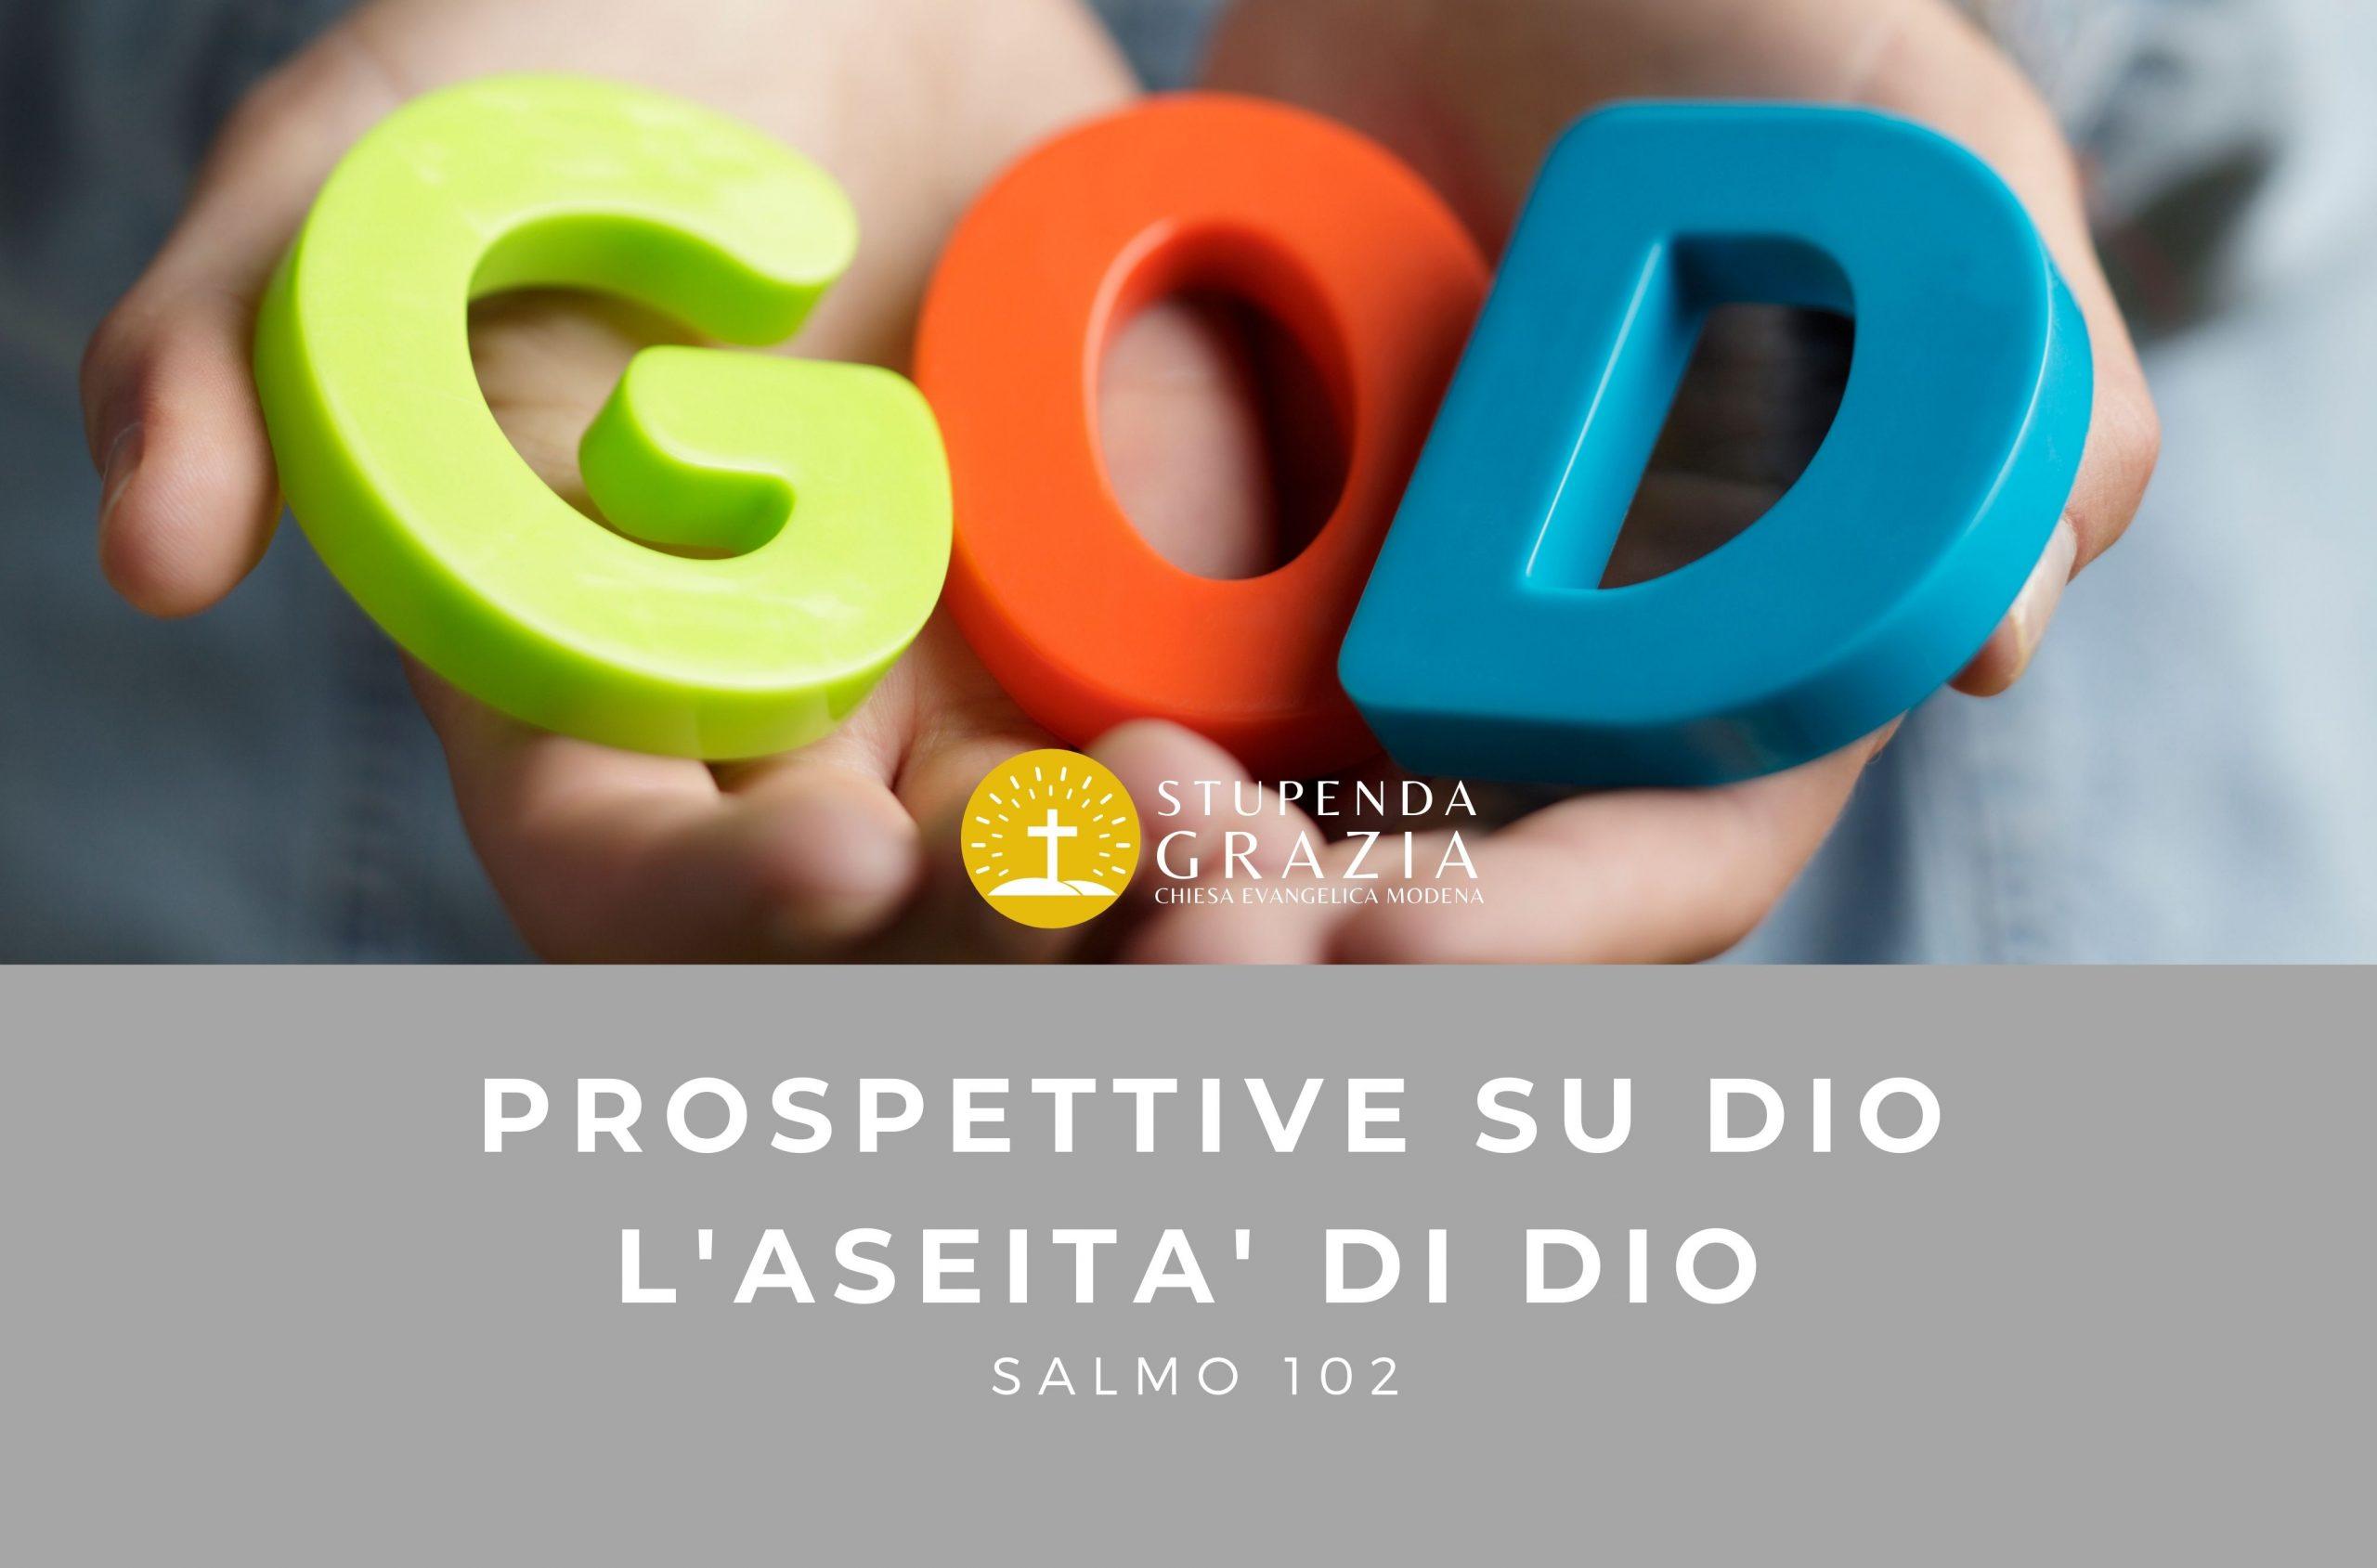 PROSPETTIVE SU DIO – L'ASEITA' DI DIO